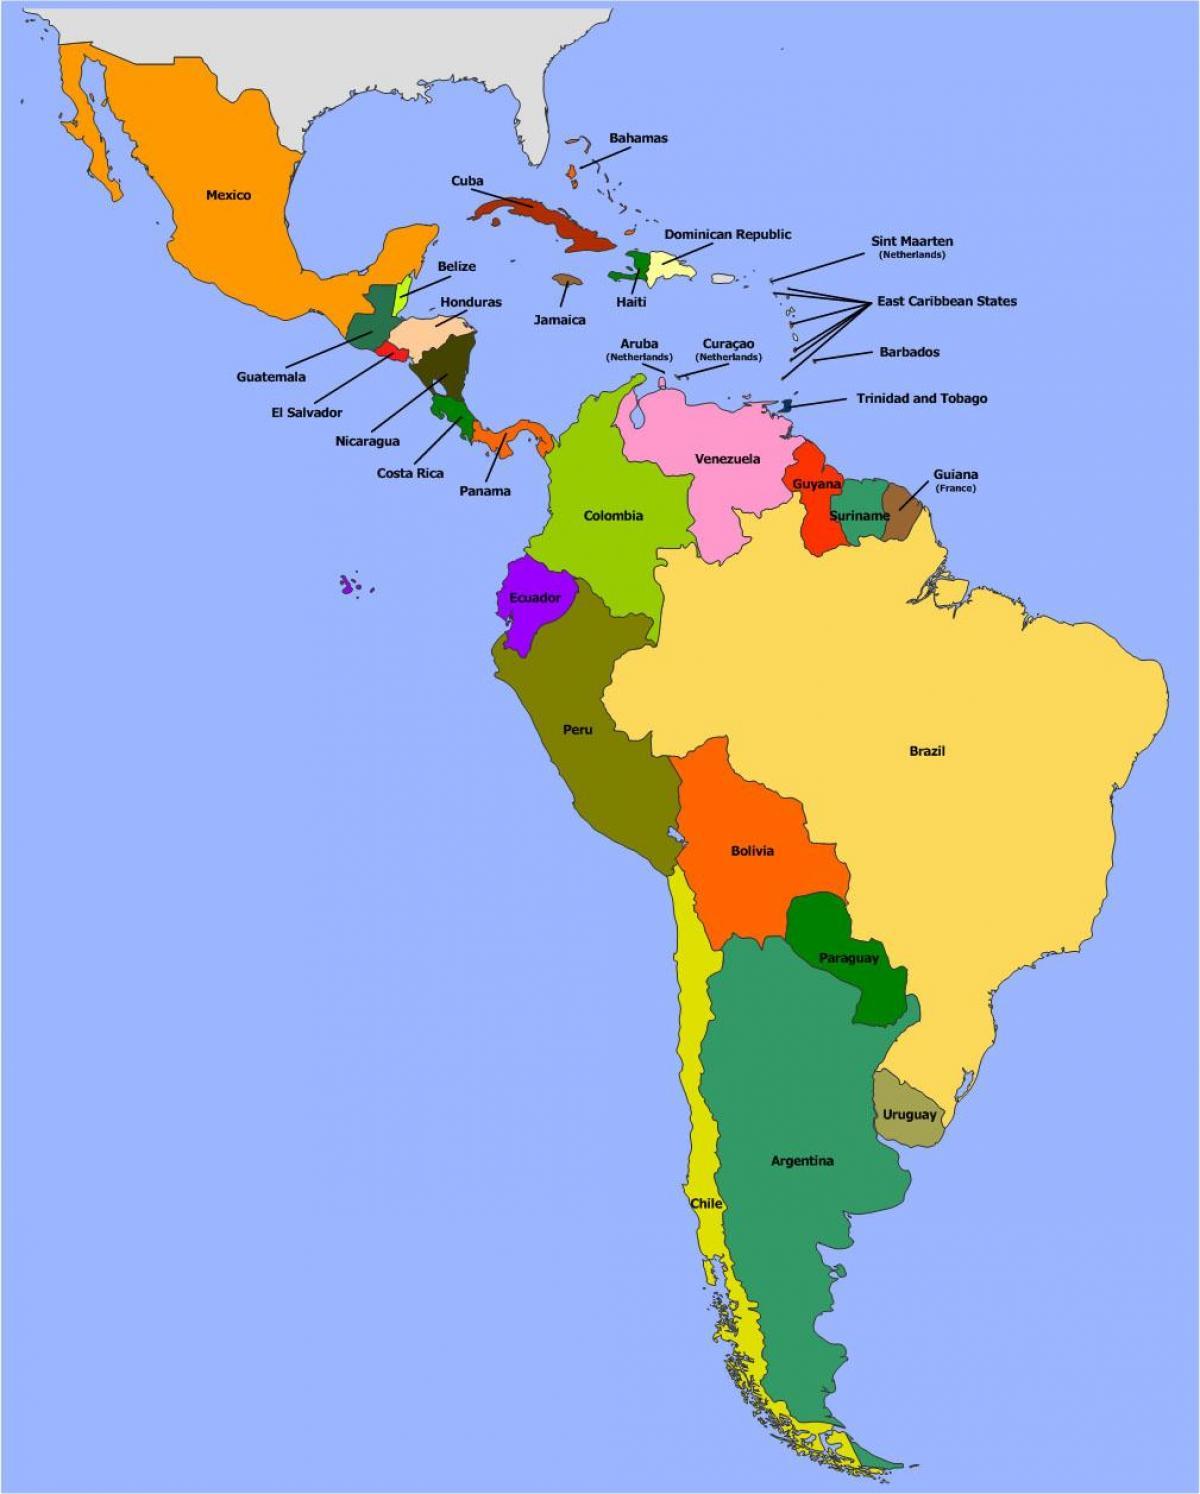 Belize Etela Amerikka Kartta Kartta Belize Etela Amerikkaan